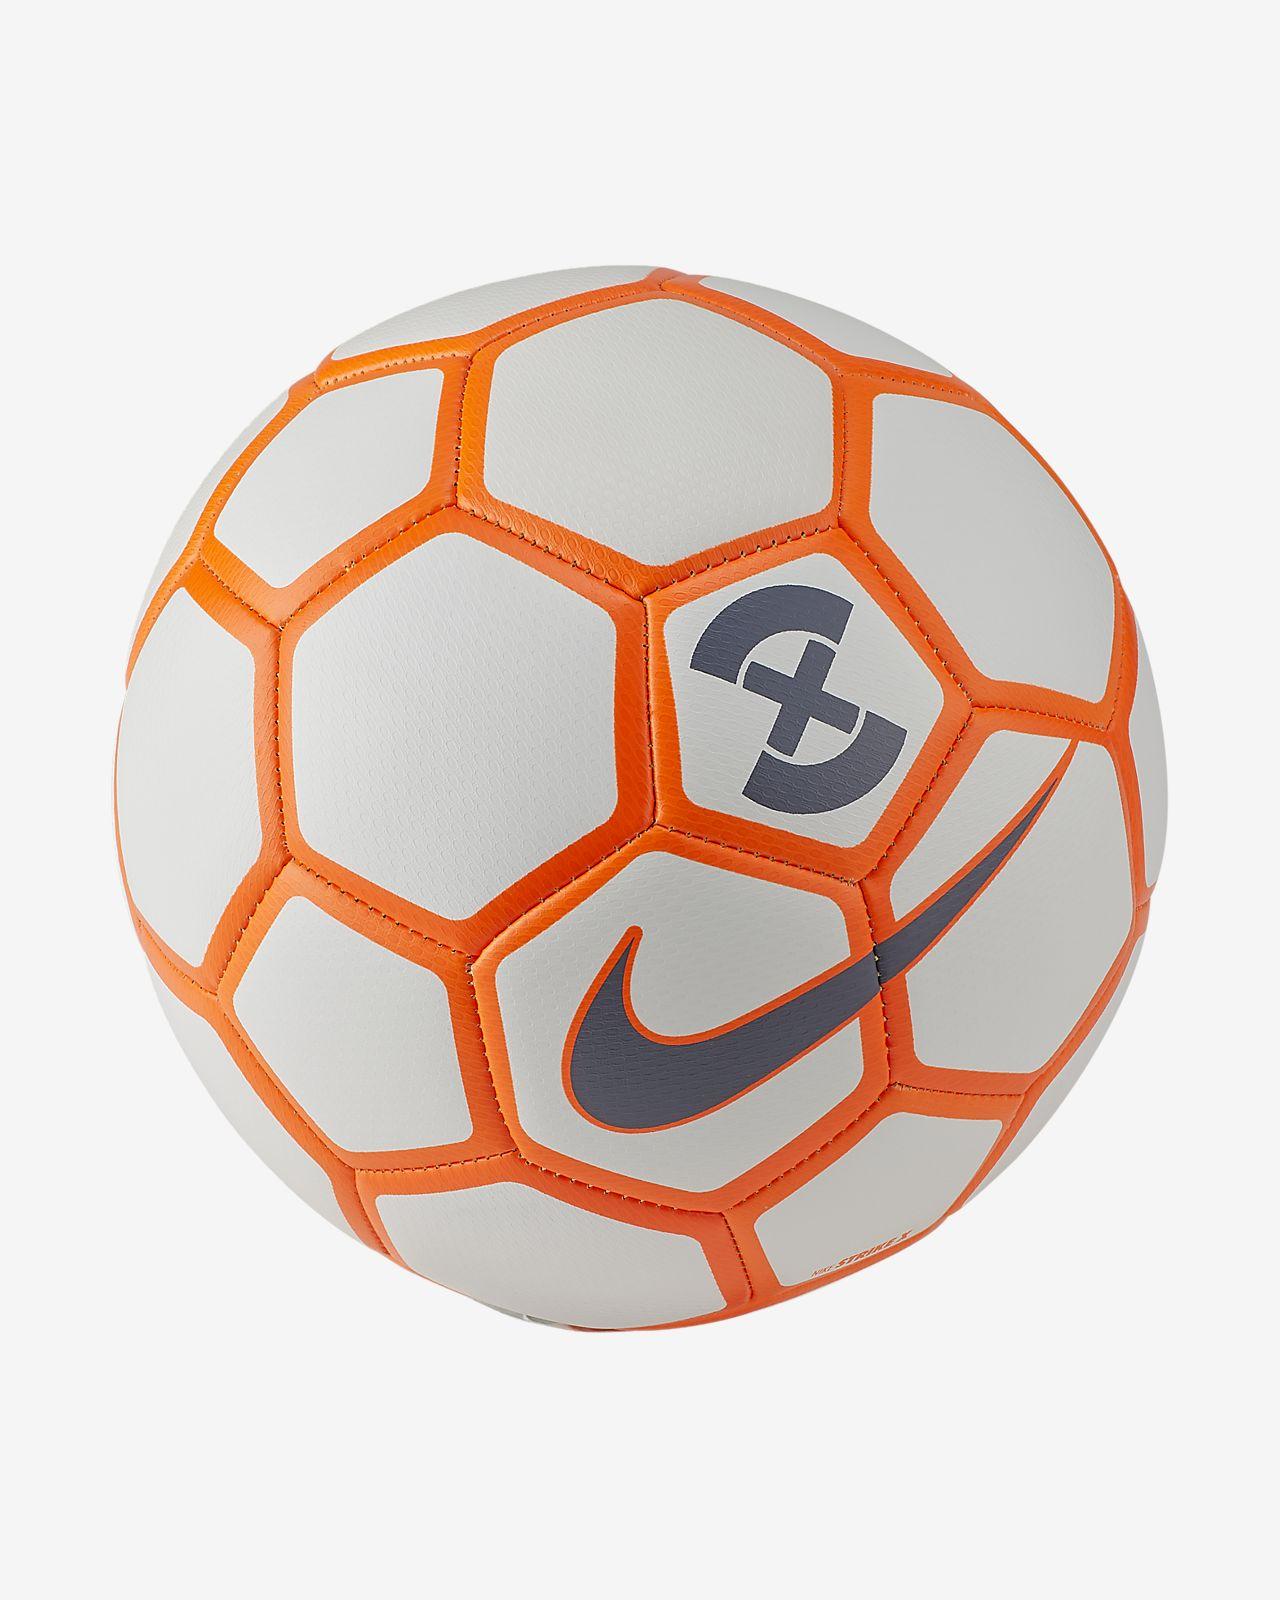 Μπάλα ποδοσφαίρου Nike Strike X